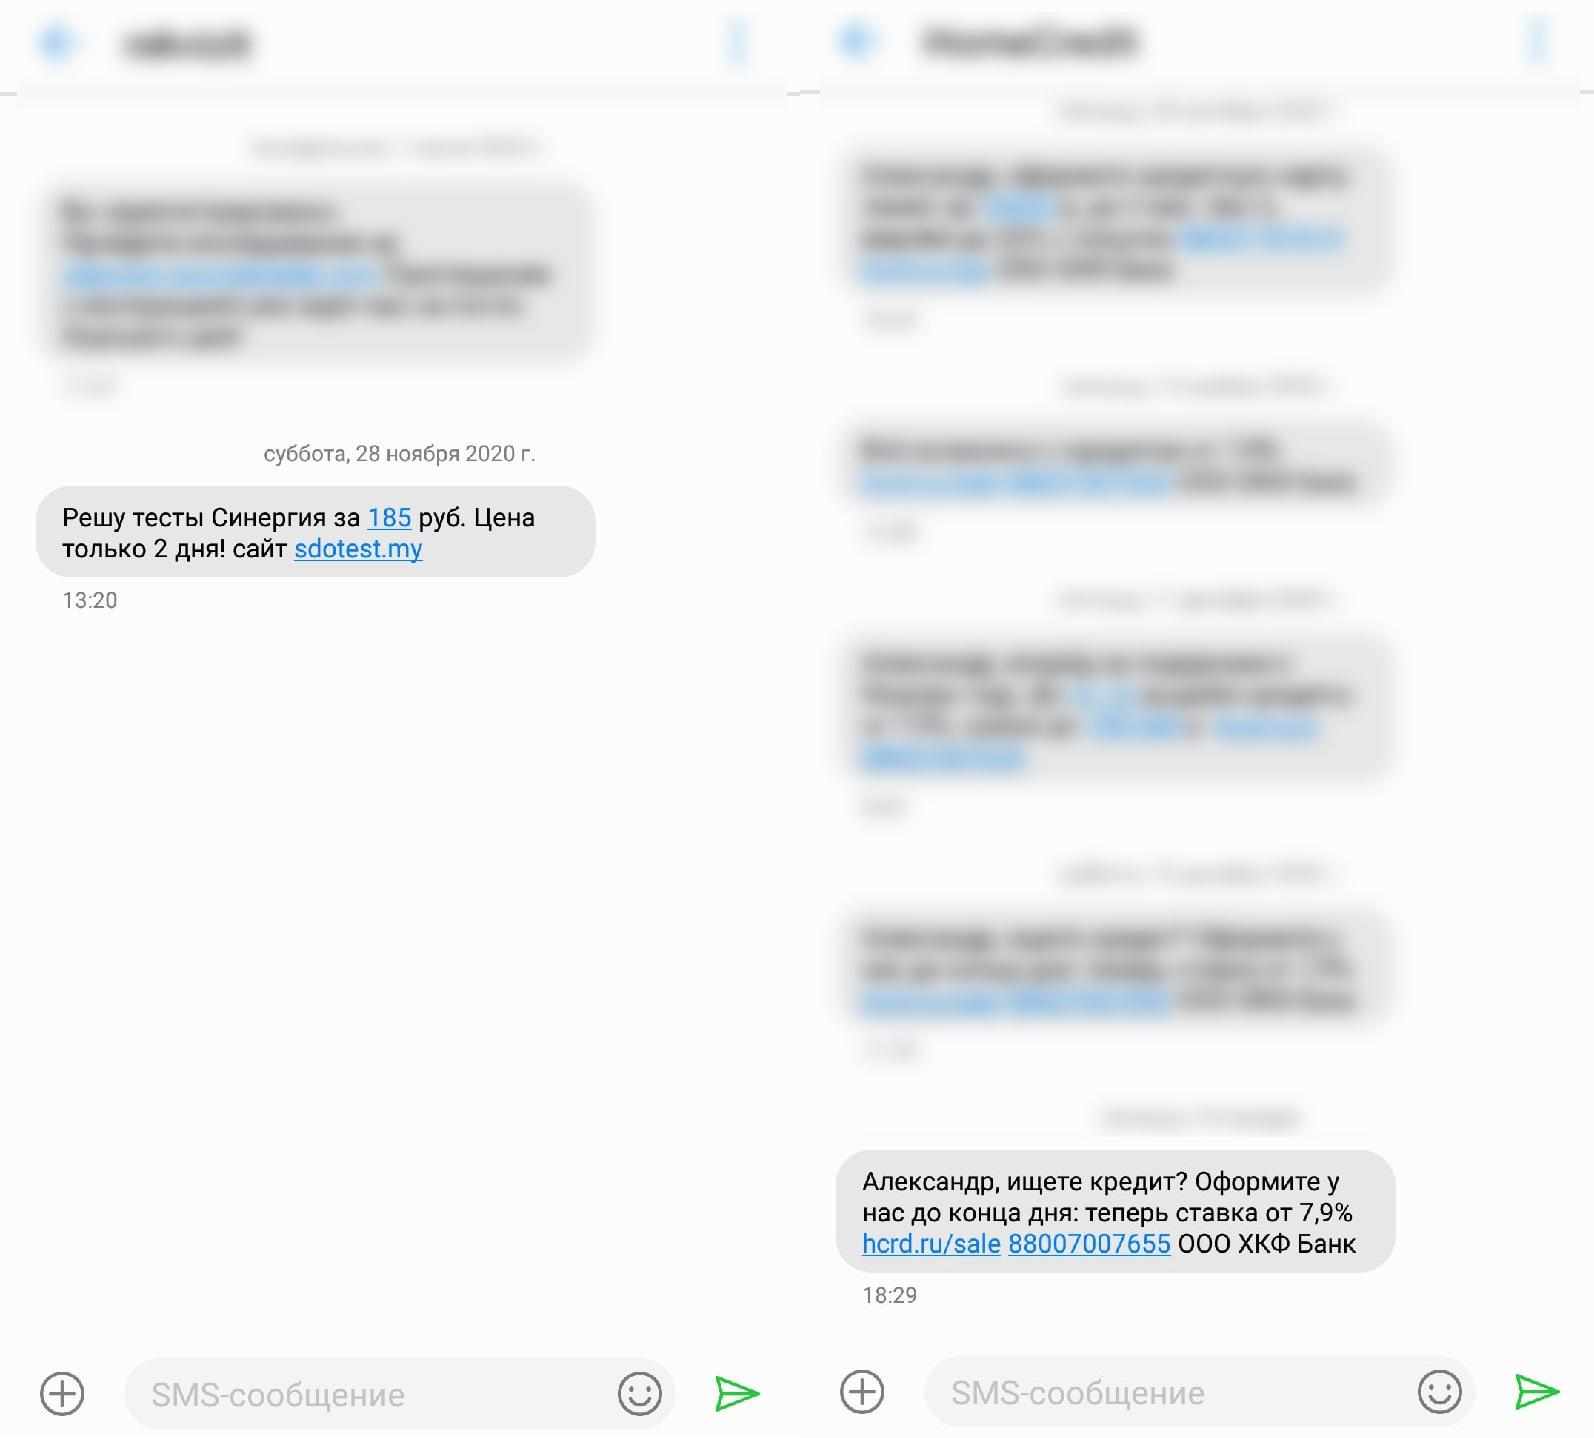 3 малозаметные ошибки, благодаря которым телефон украдет все ваши деньги